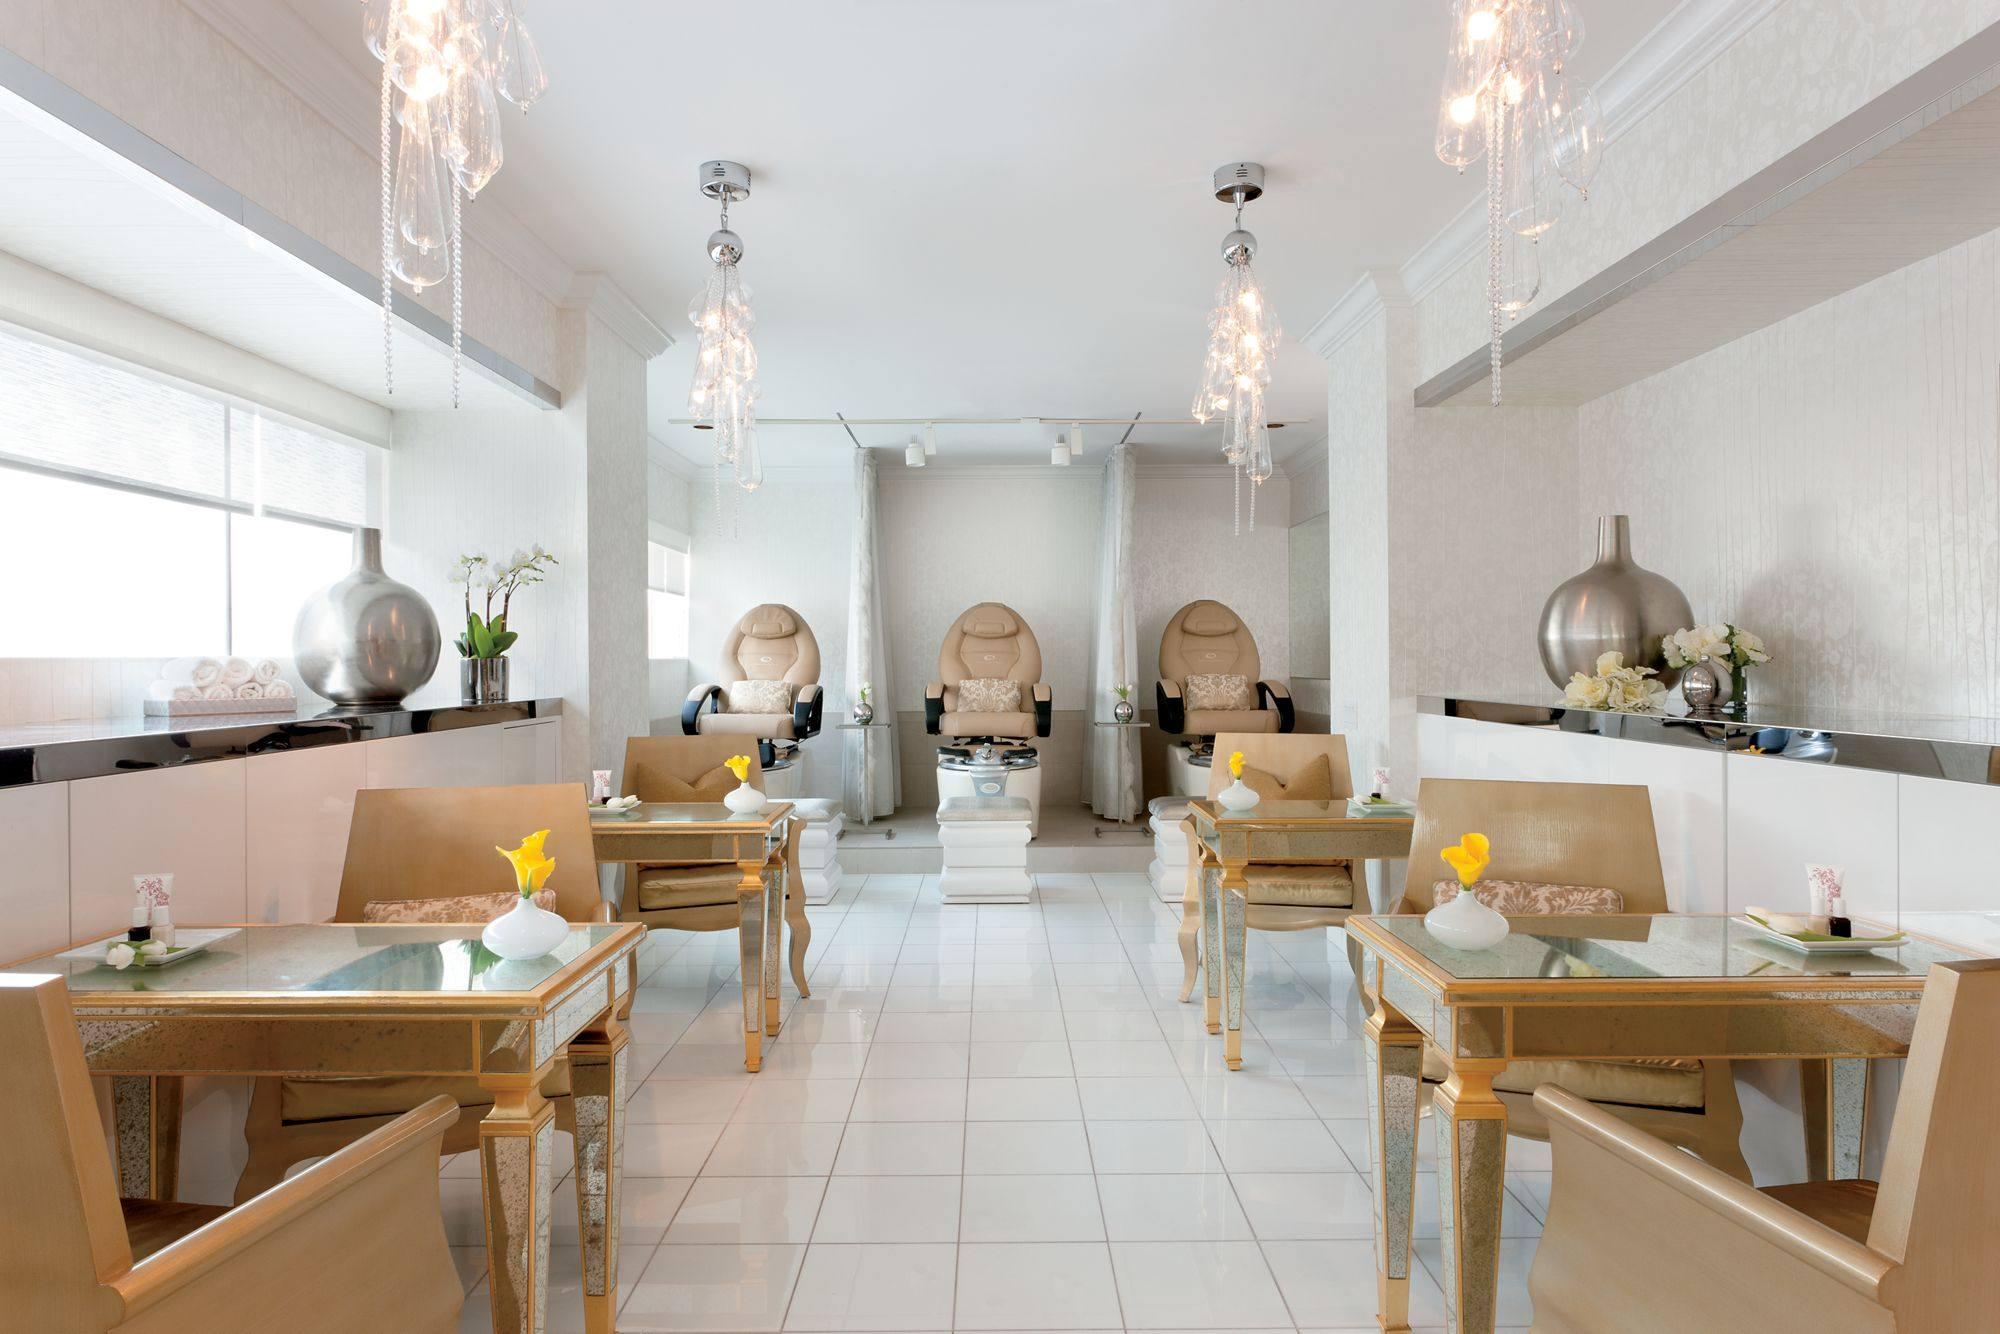 The Ritz-Carlton Los Angeles Spa Mani Pedi